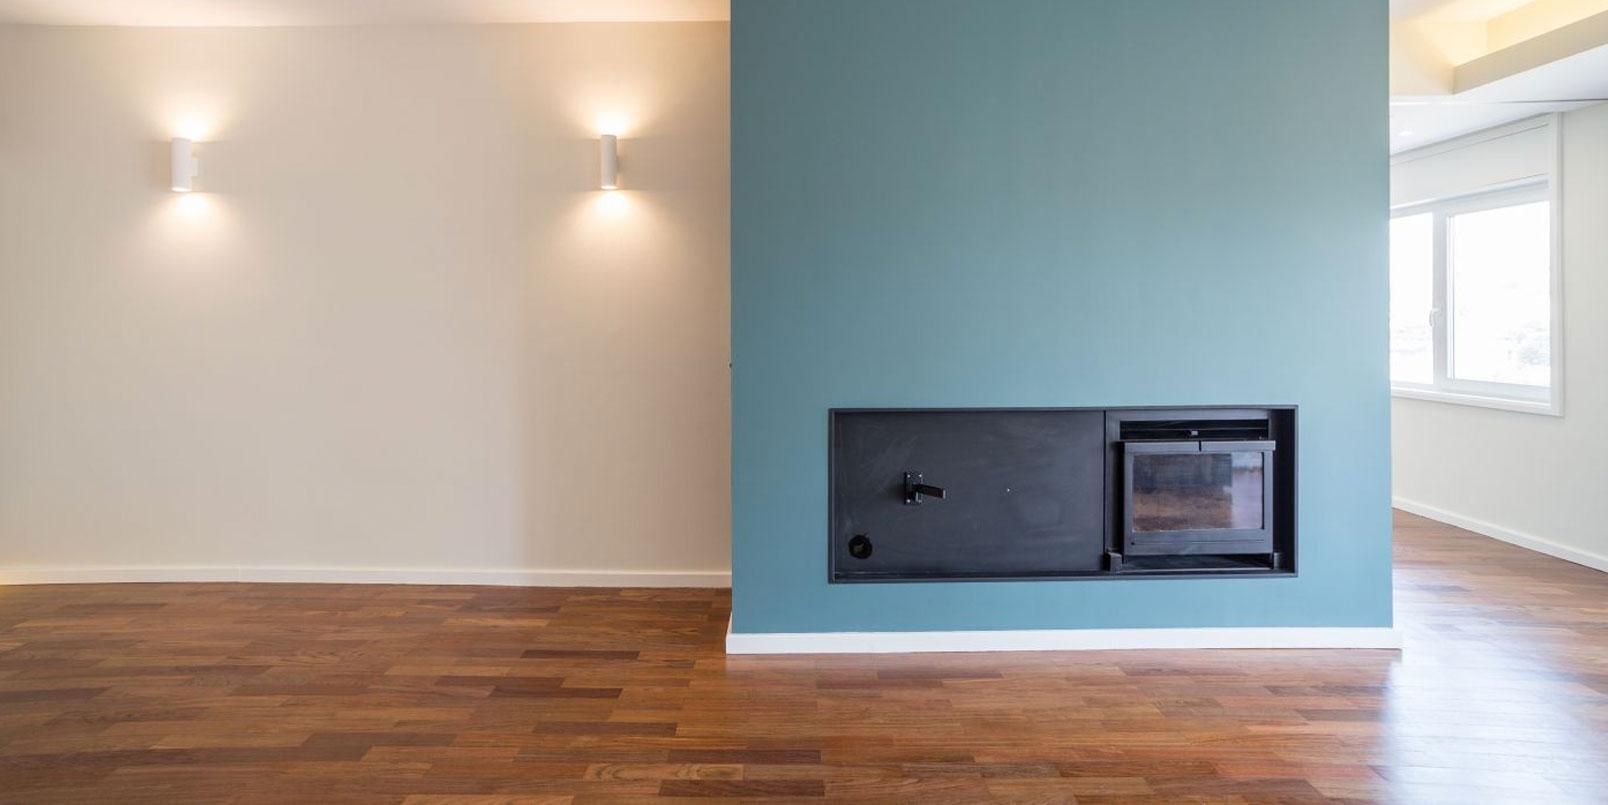 remodelação de moradia, obras de remodelação, remodelação de casa, projeto de remodelação, obras de remodelação